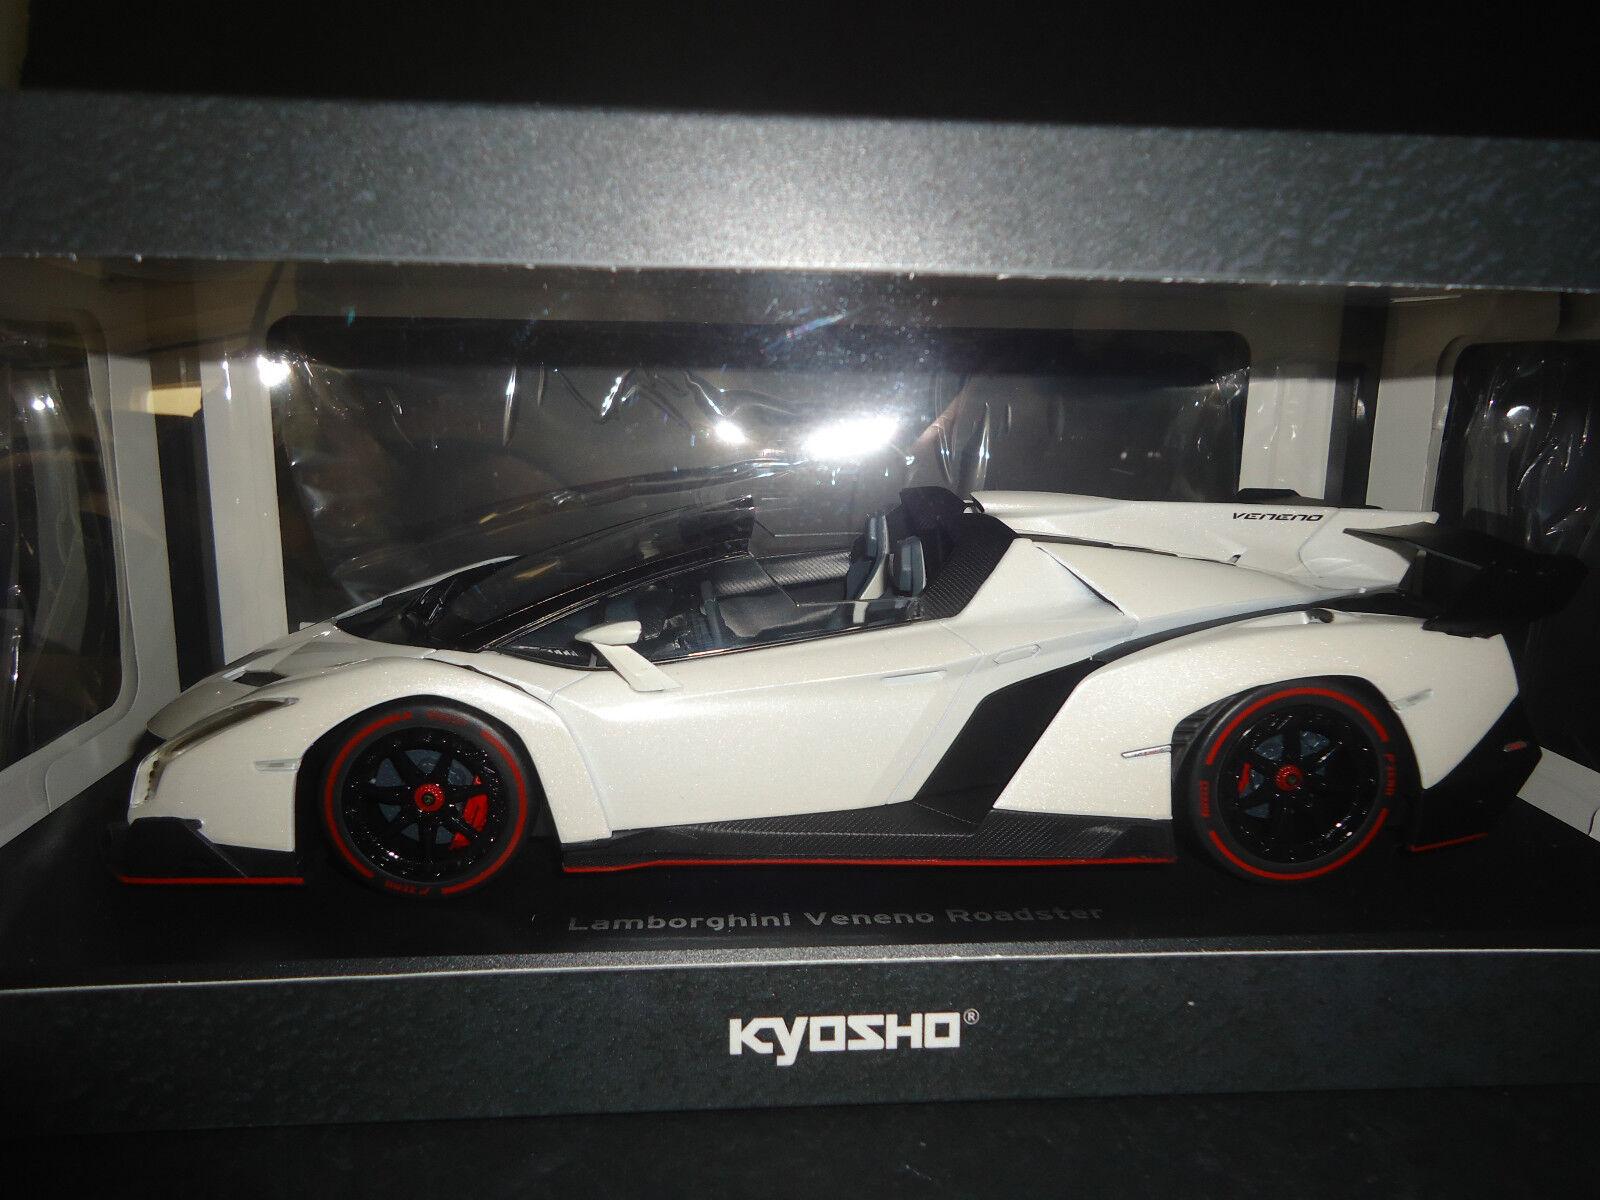 Kyosho Lamborghini Veneno Roadster Blanc Scellé Corps 09502wo 1 18